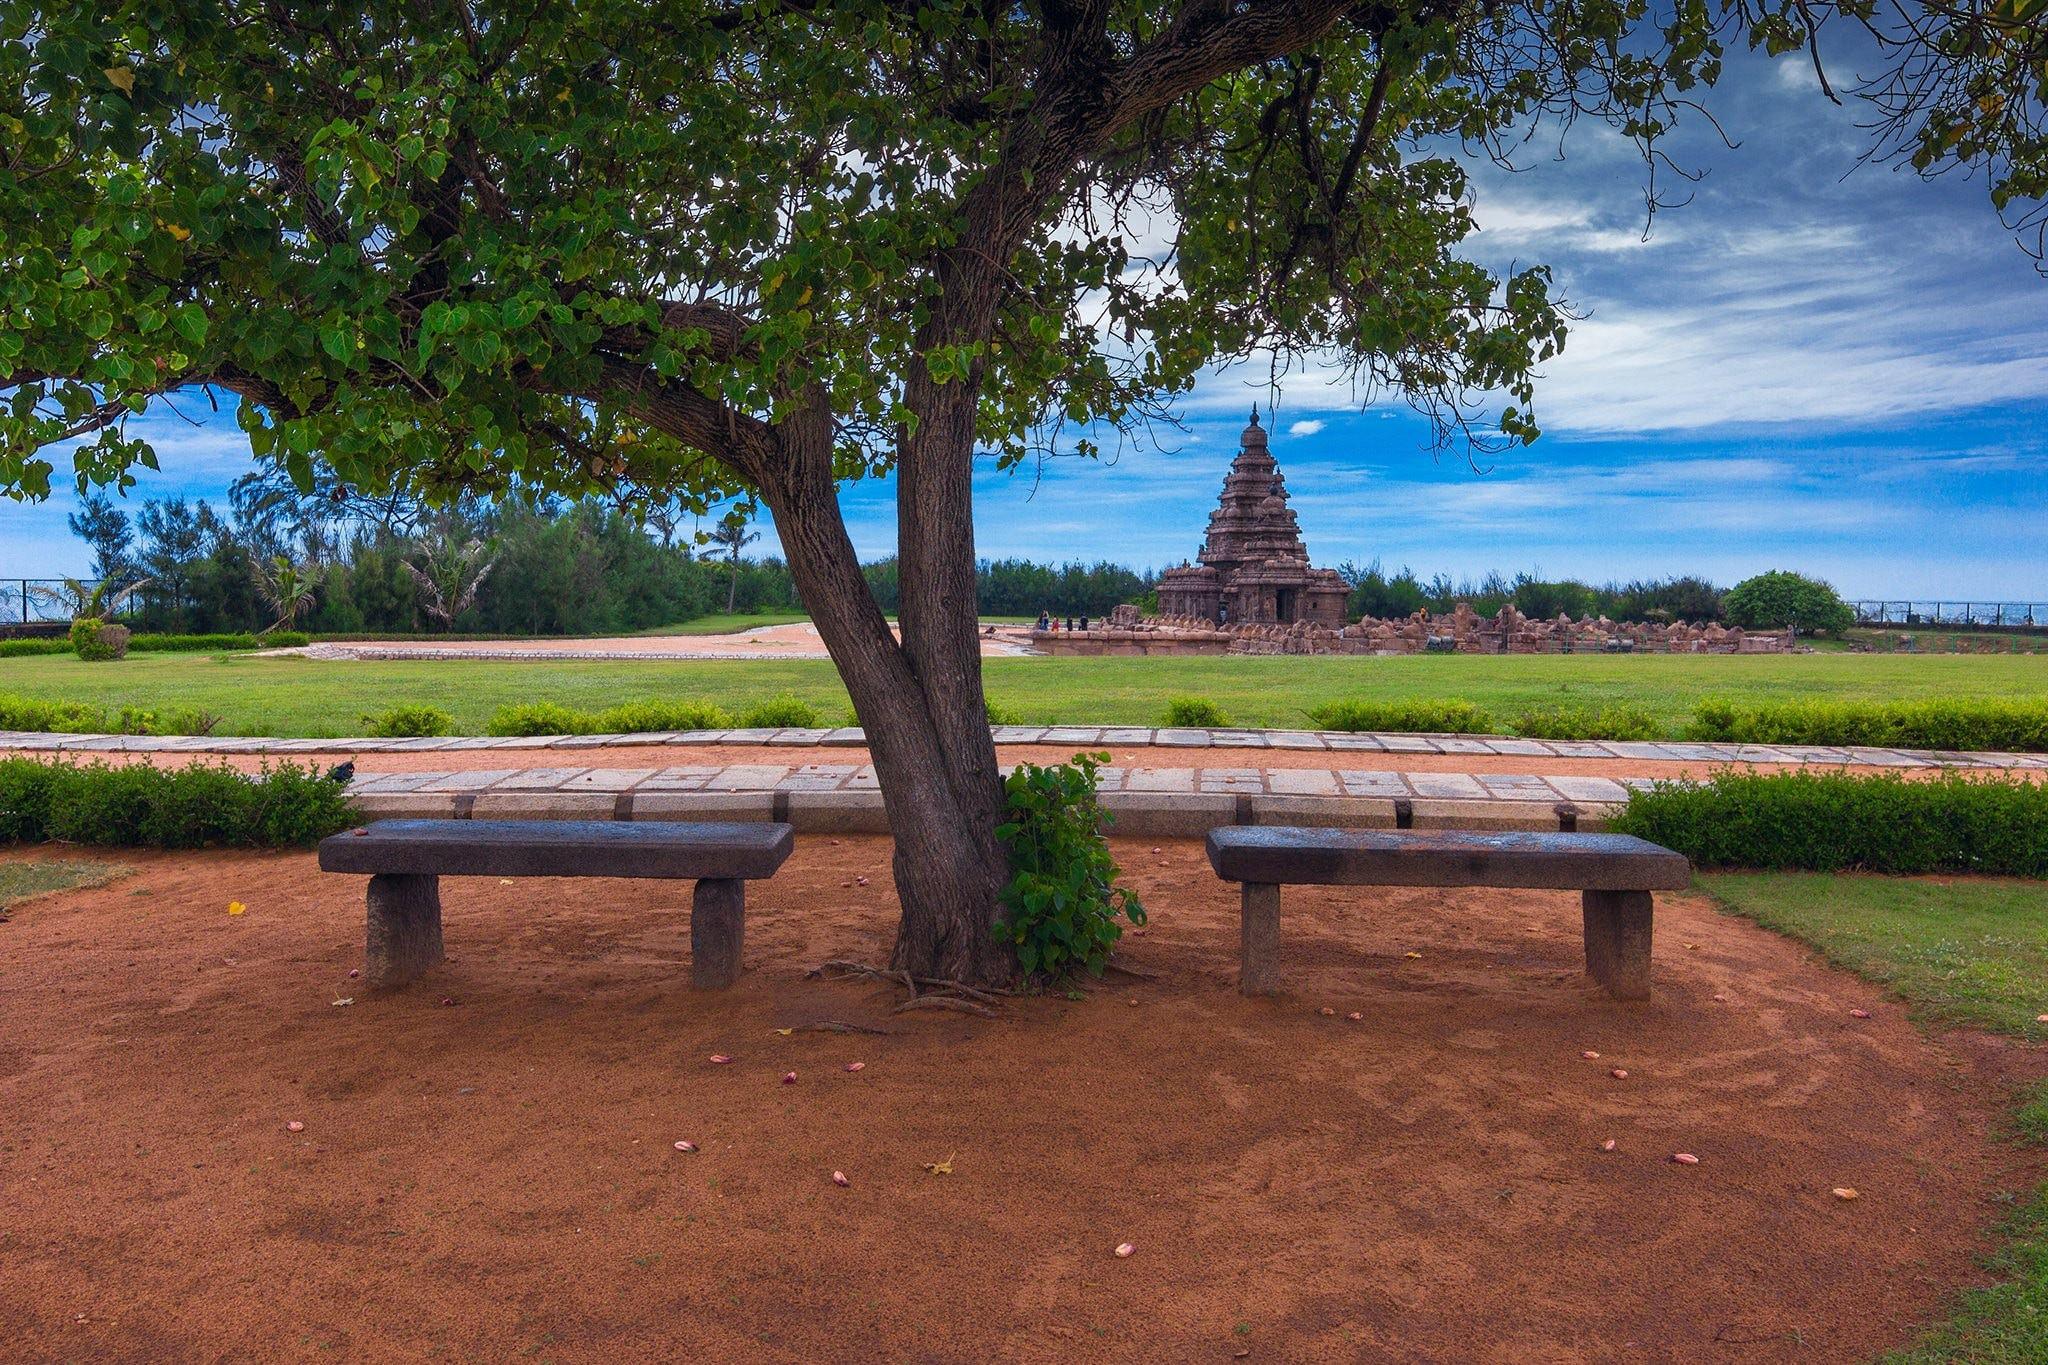 Shore temple at Mahabalipuram | © Aravindan Ganesan / Flickr